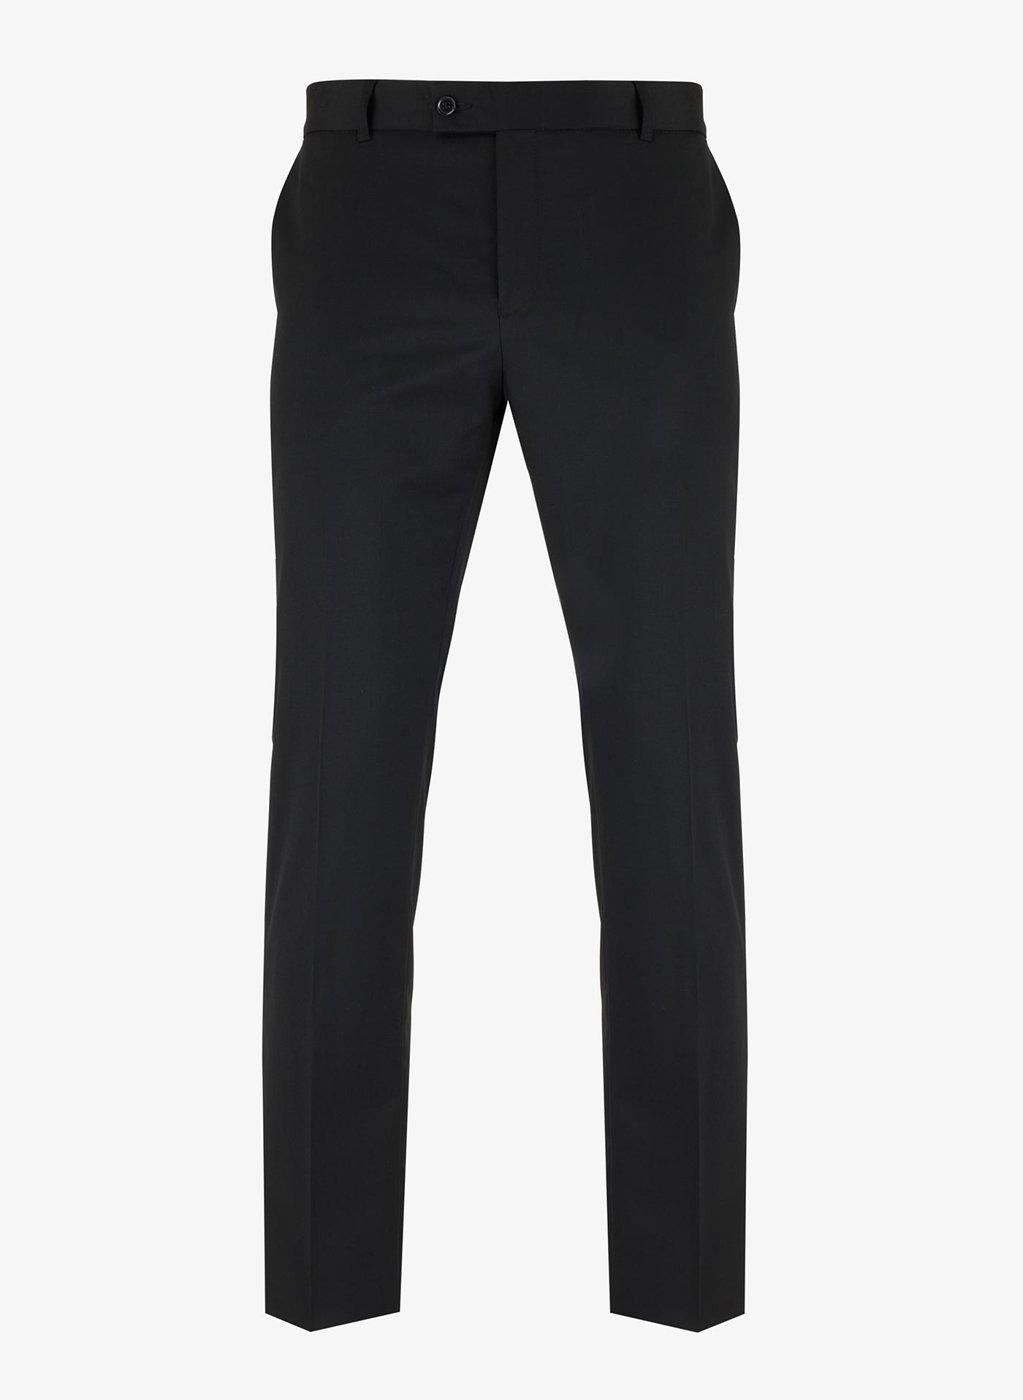 Spodnie męskie garniturowe GORDIAN PLM-6G-187-C